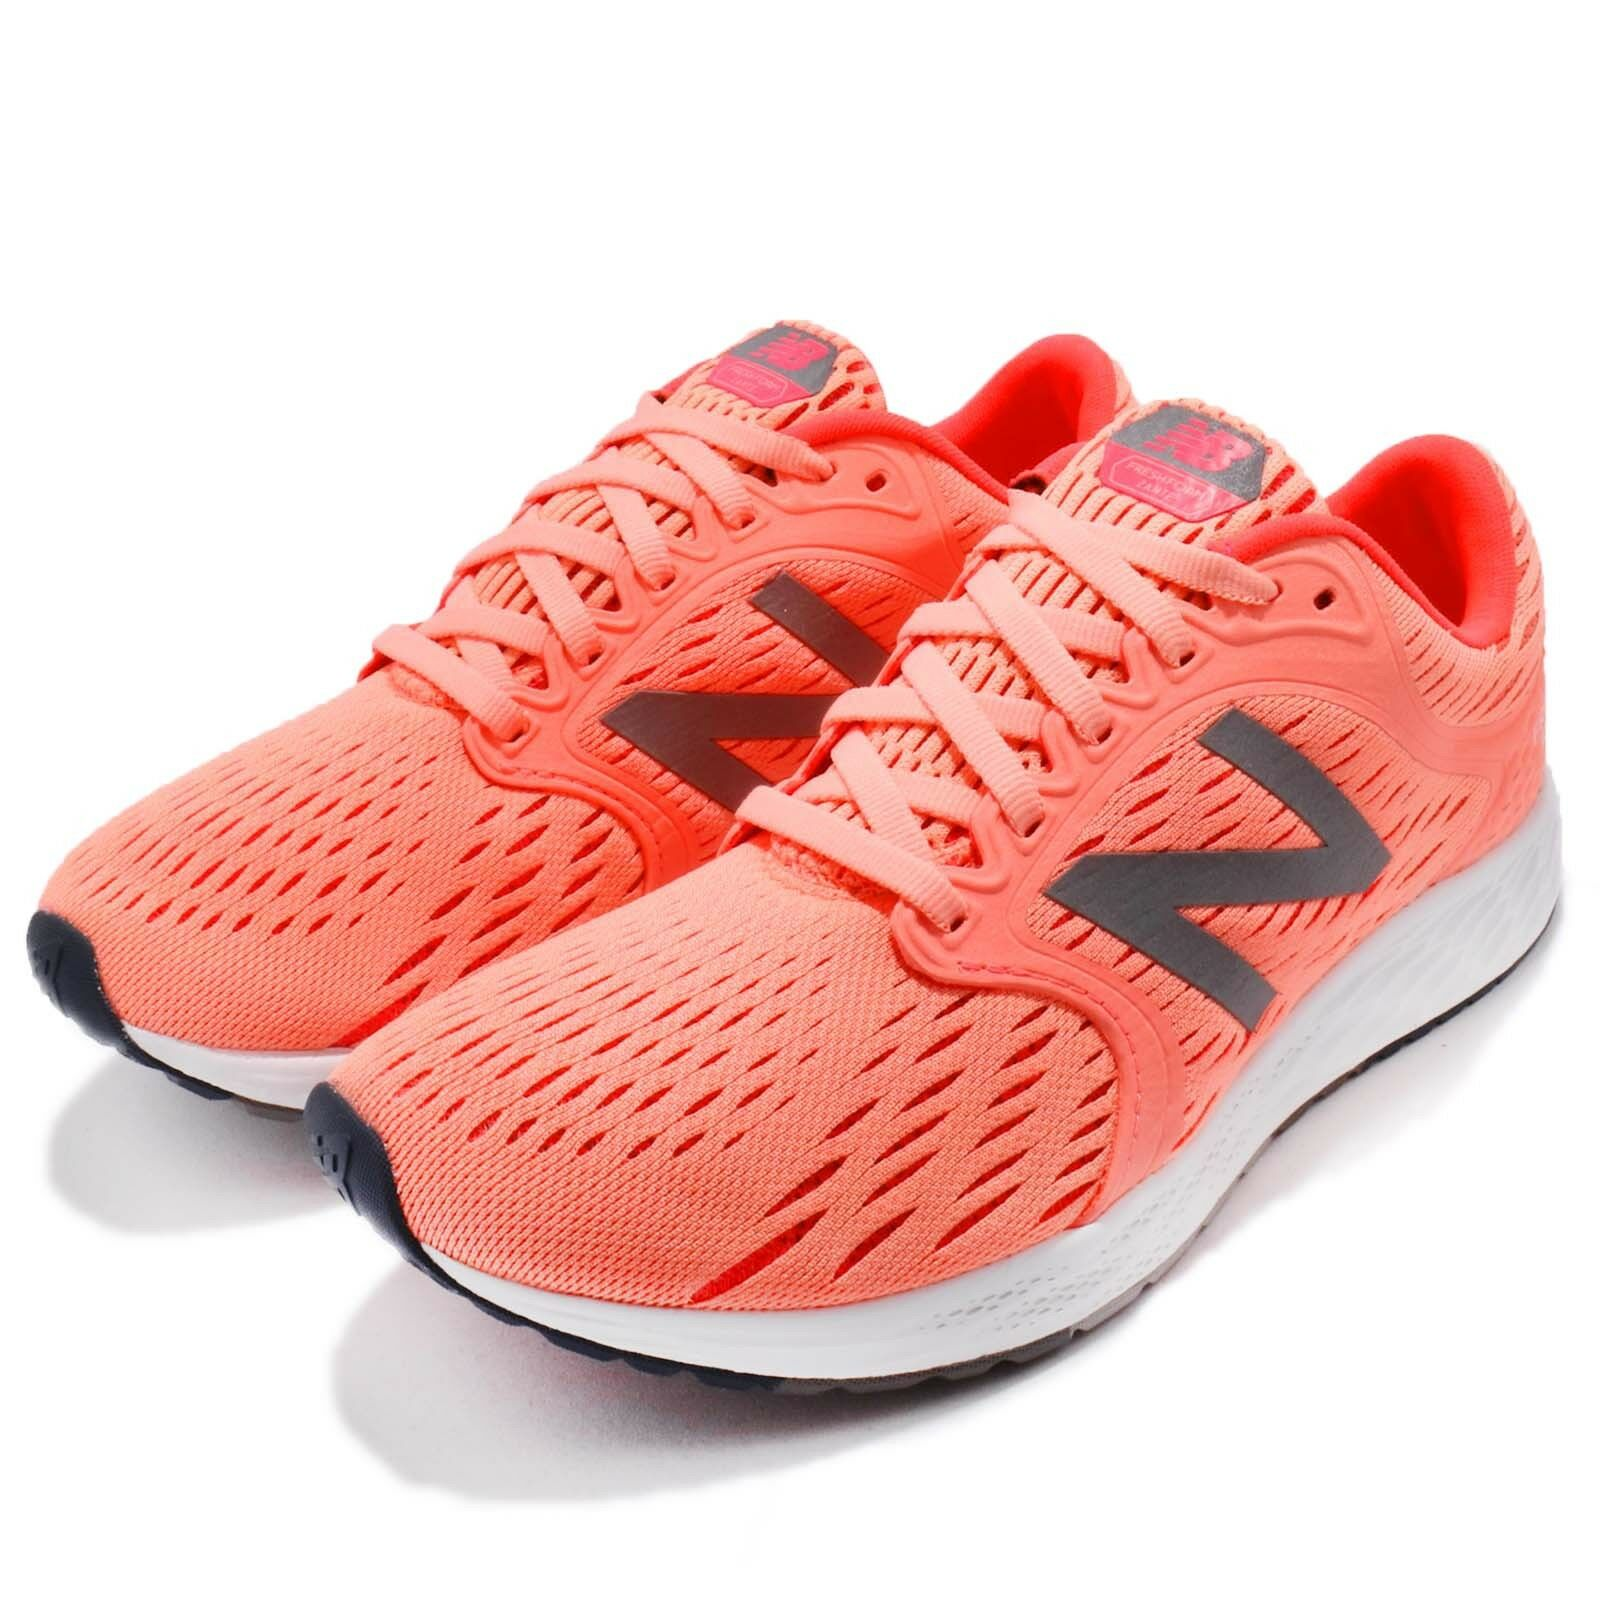 New Balance WZANTHH4 D Zante V4 Wide rosado naranja mujer mujer mujer Running zapatos WZANTHH4D  Tu satisfacción es nuestro objetivo